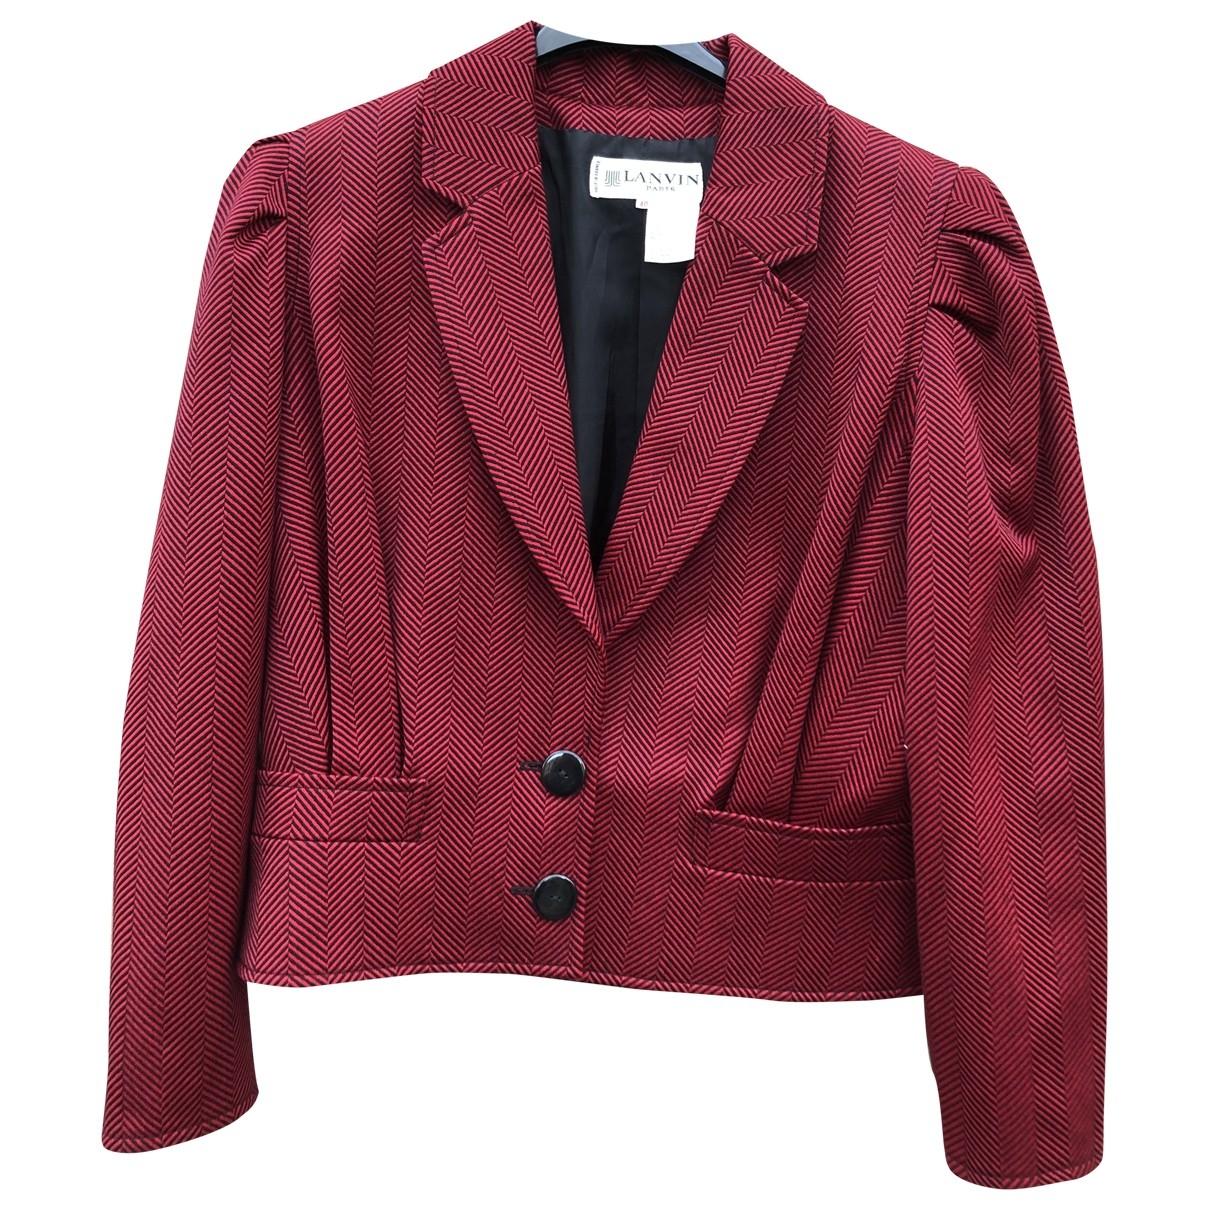 Lanvin \N Jacke in  Rot Wolle